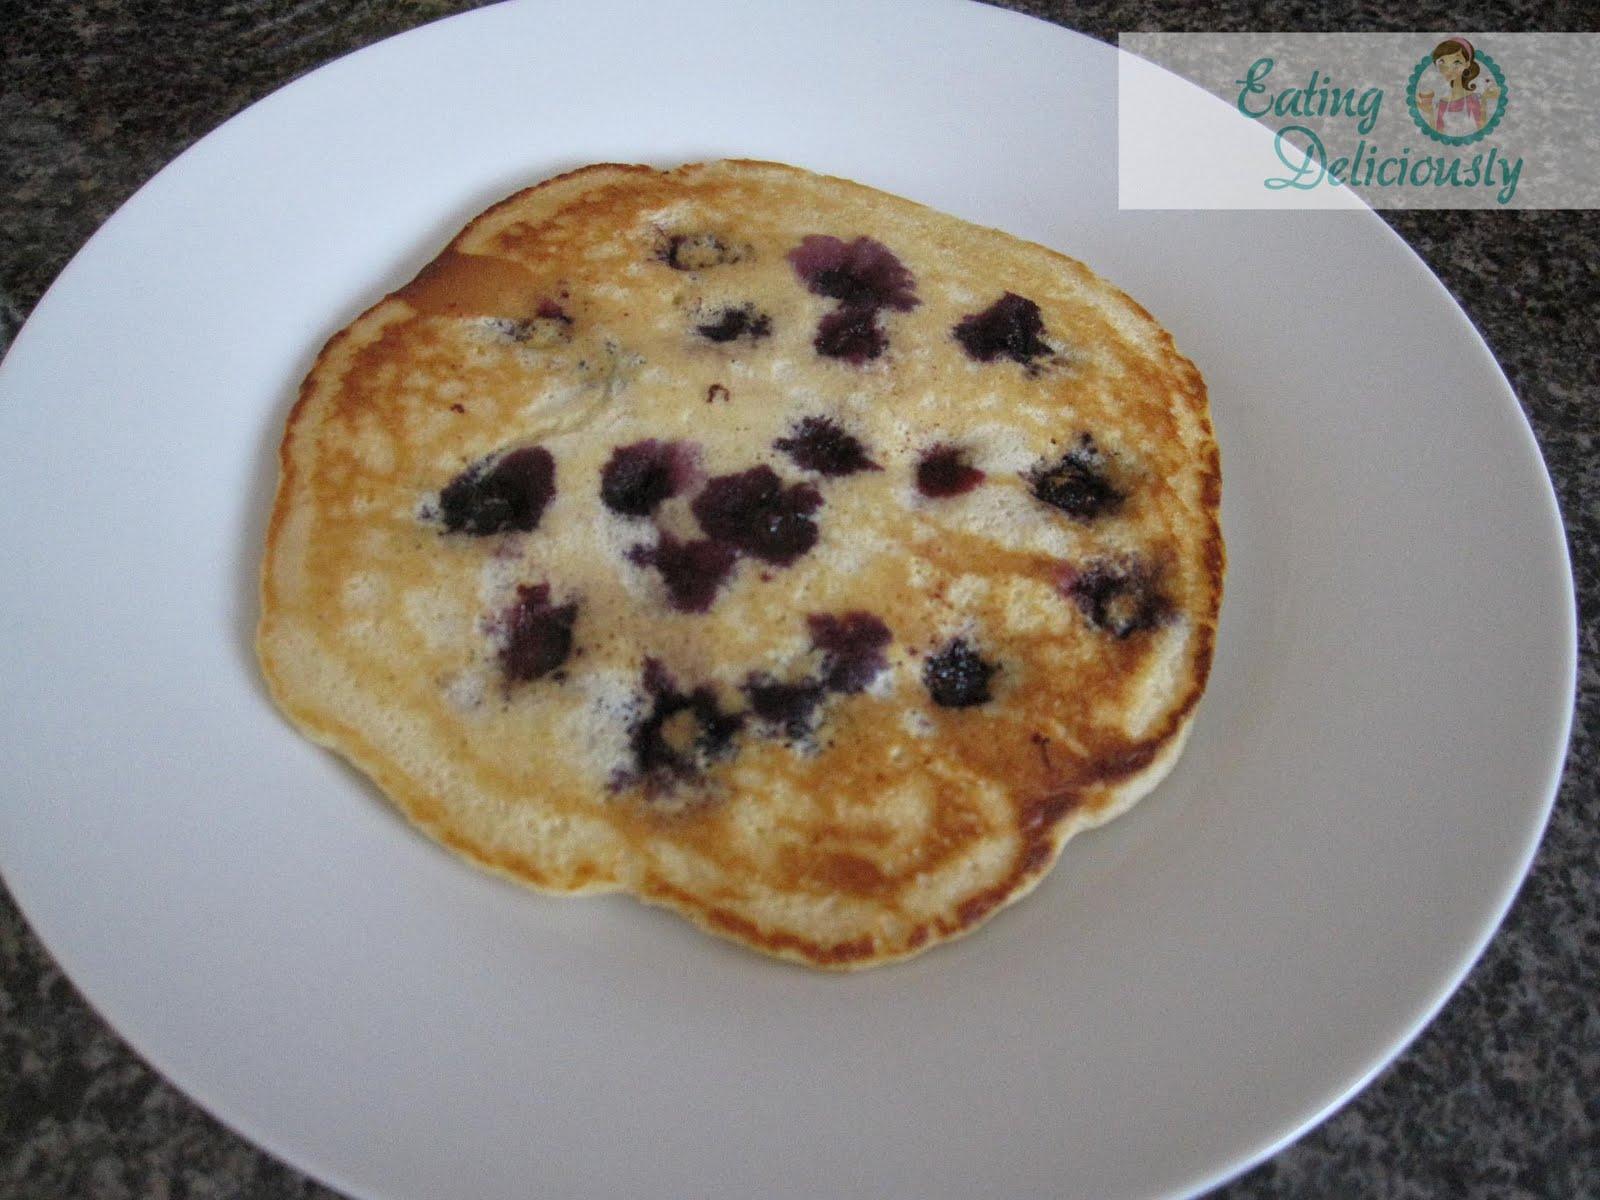 Eating Deliciously: Lemon Blueberry Pancakes